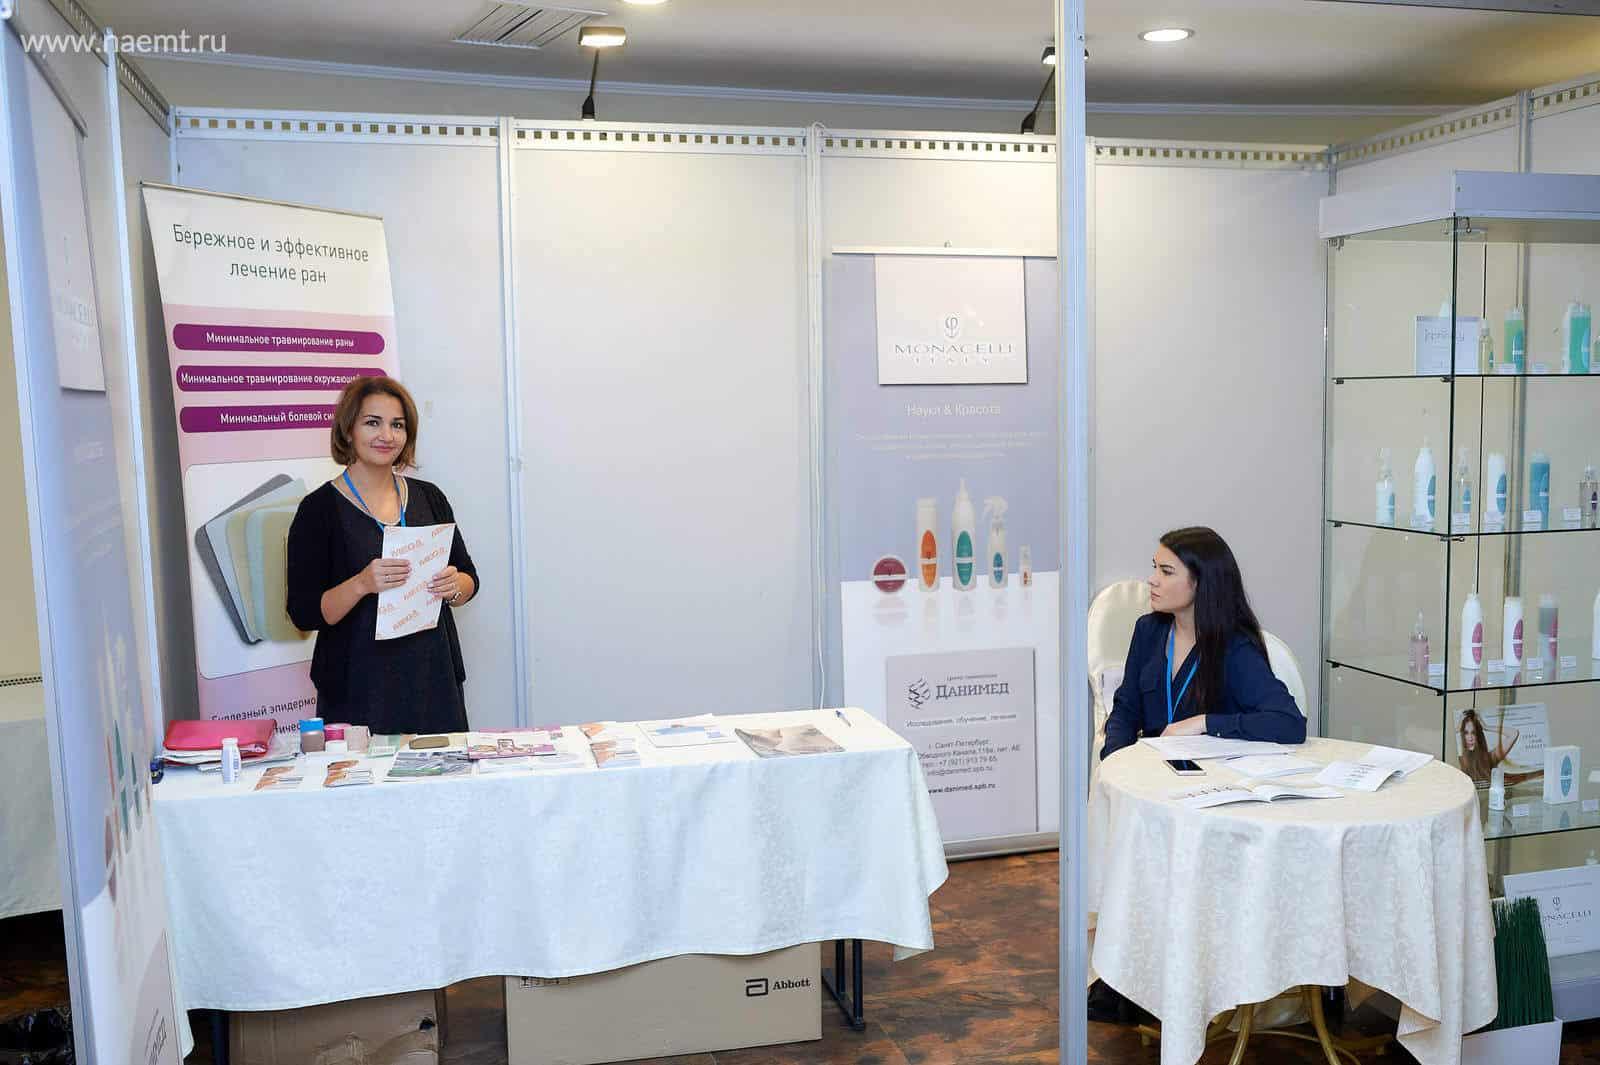 Вторая Ассамблея эстетической медицины и трихологии с международным участием. АЭМТ 2018. Омск